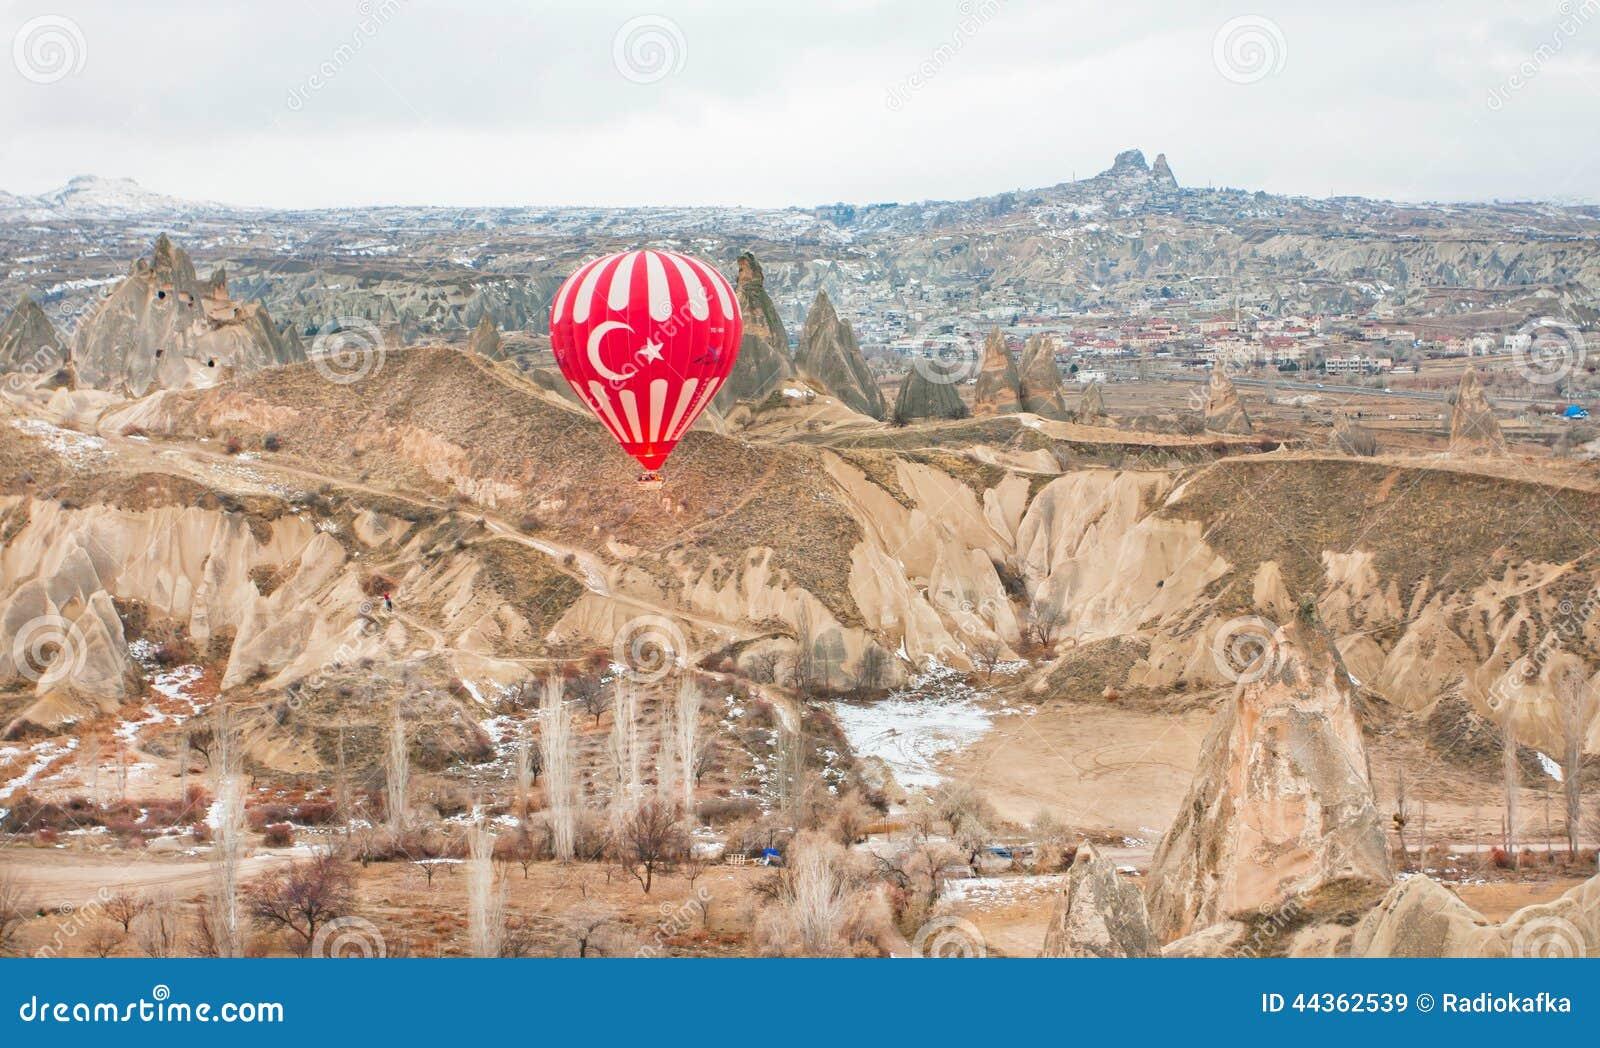 Grand ballon au-dessus du village abandonné de la vallée colorée de roche